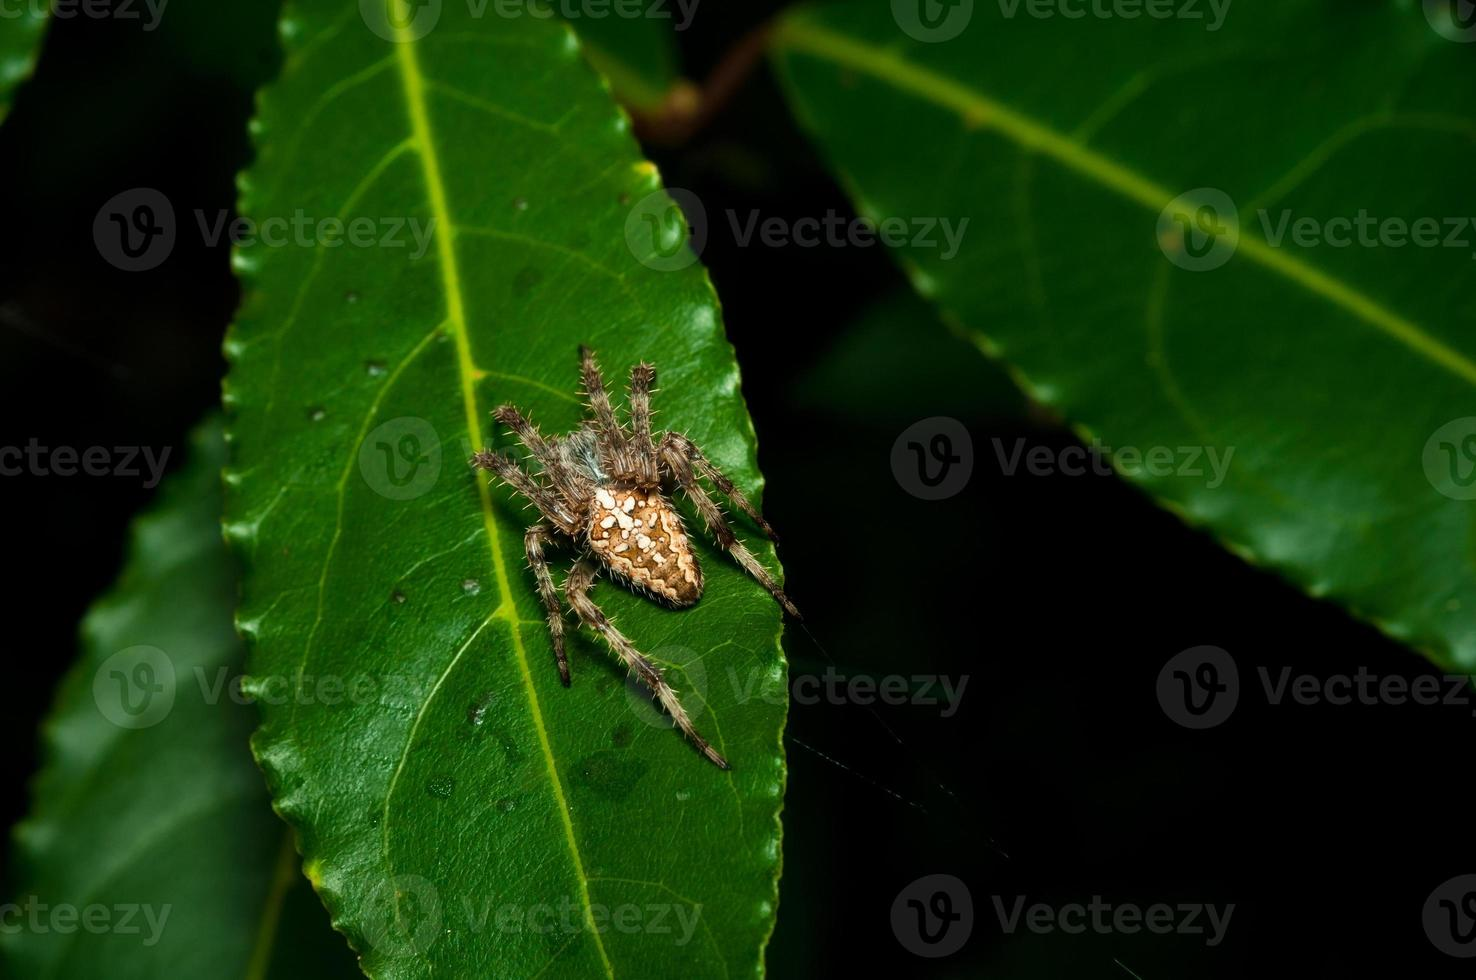 Spinne steht still auf einem Blatt im Wald foto